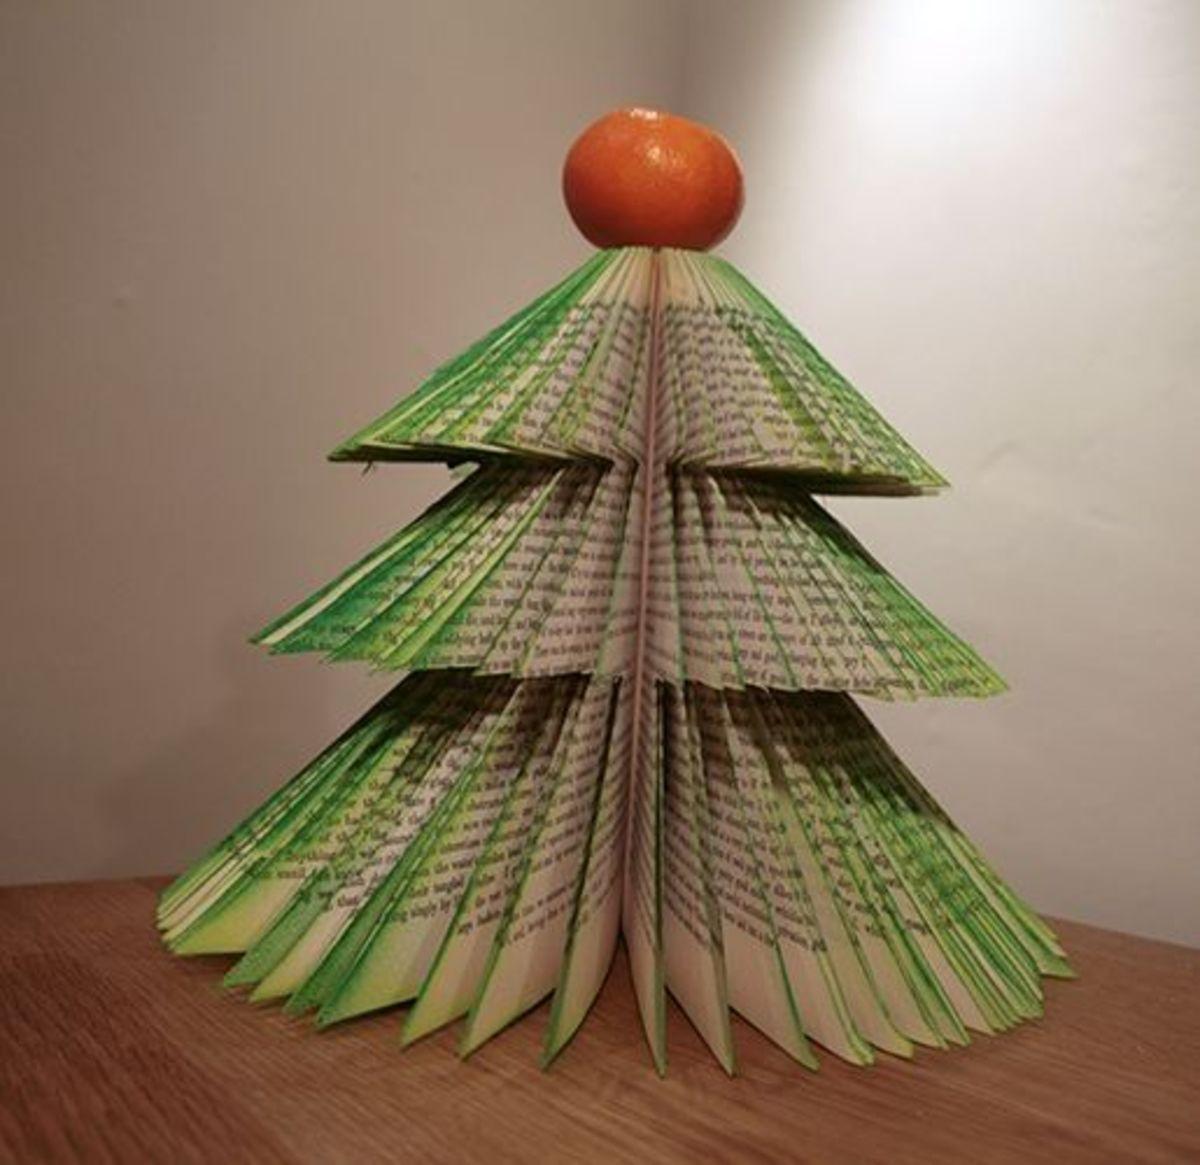 book-care-repair-repurposing-recycling-books